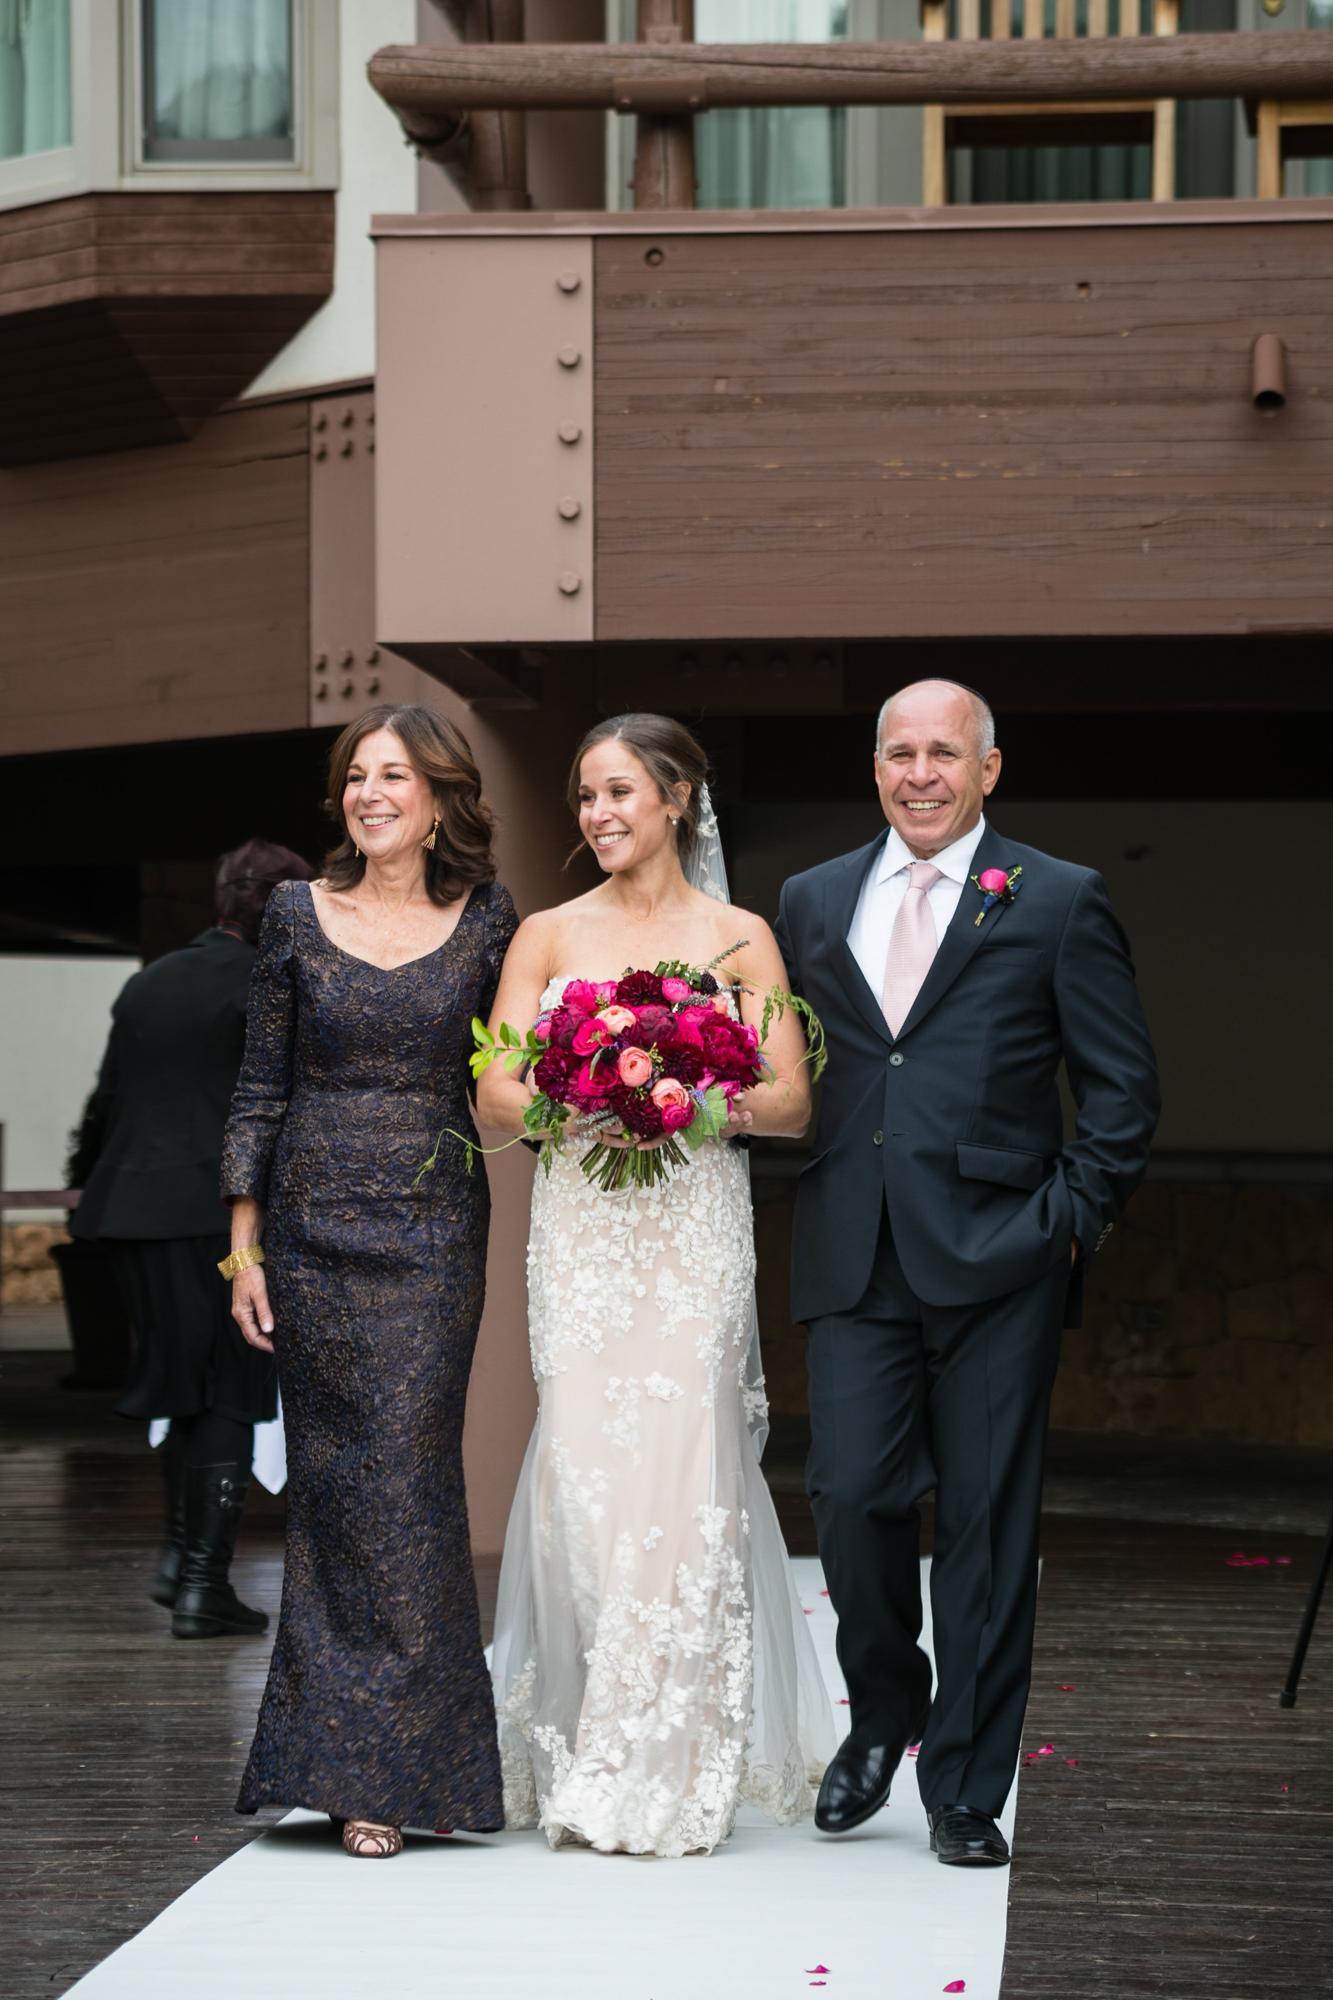 stein-eriksen-wedding-photography-17.jpg